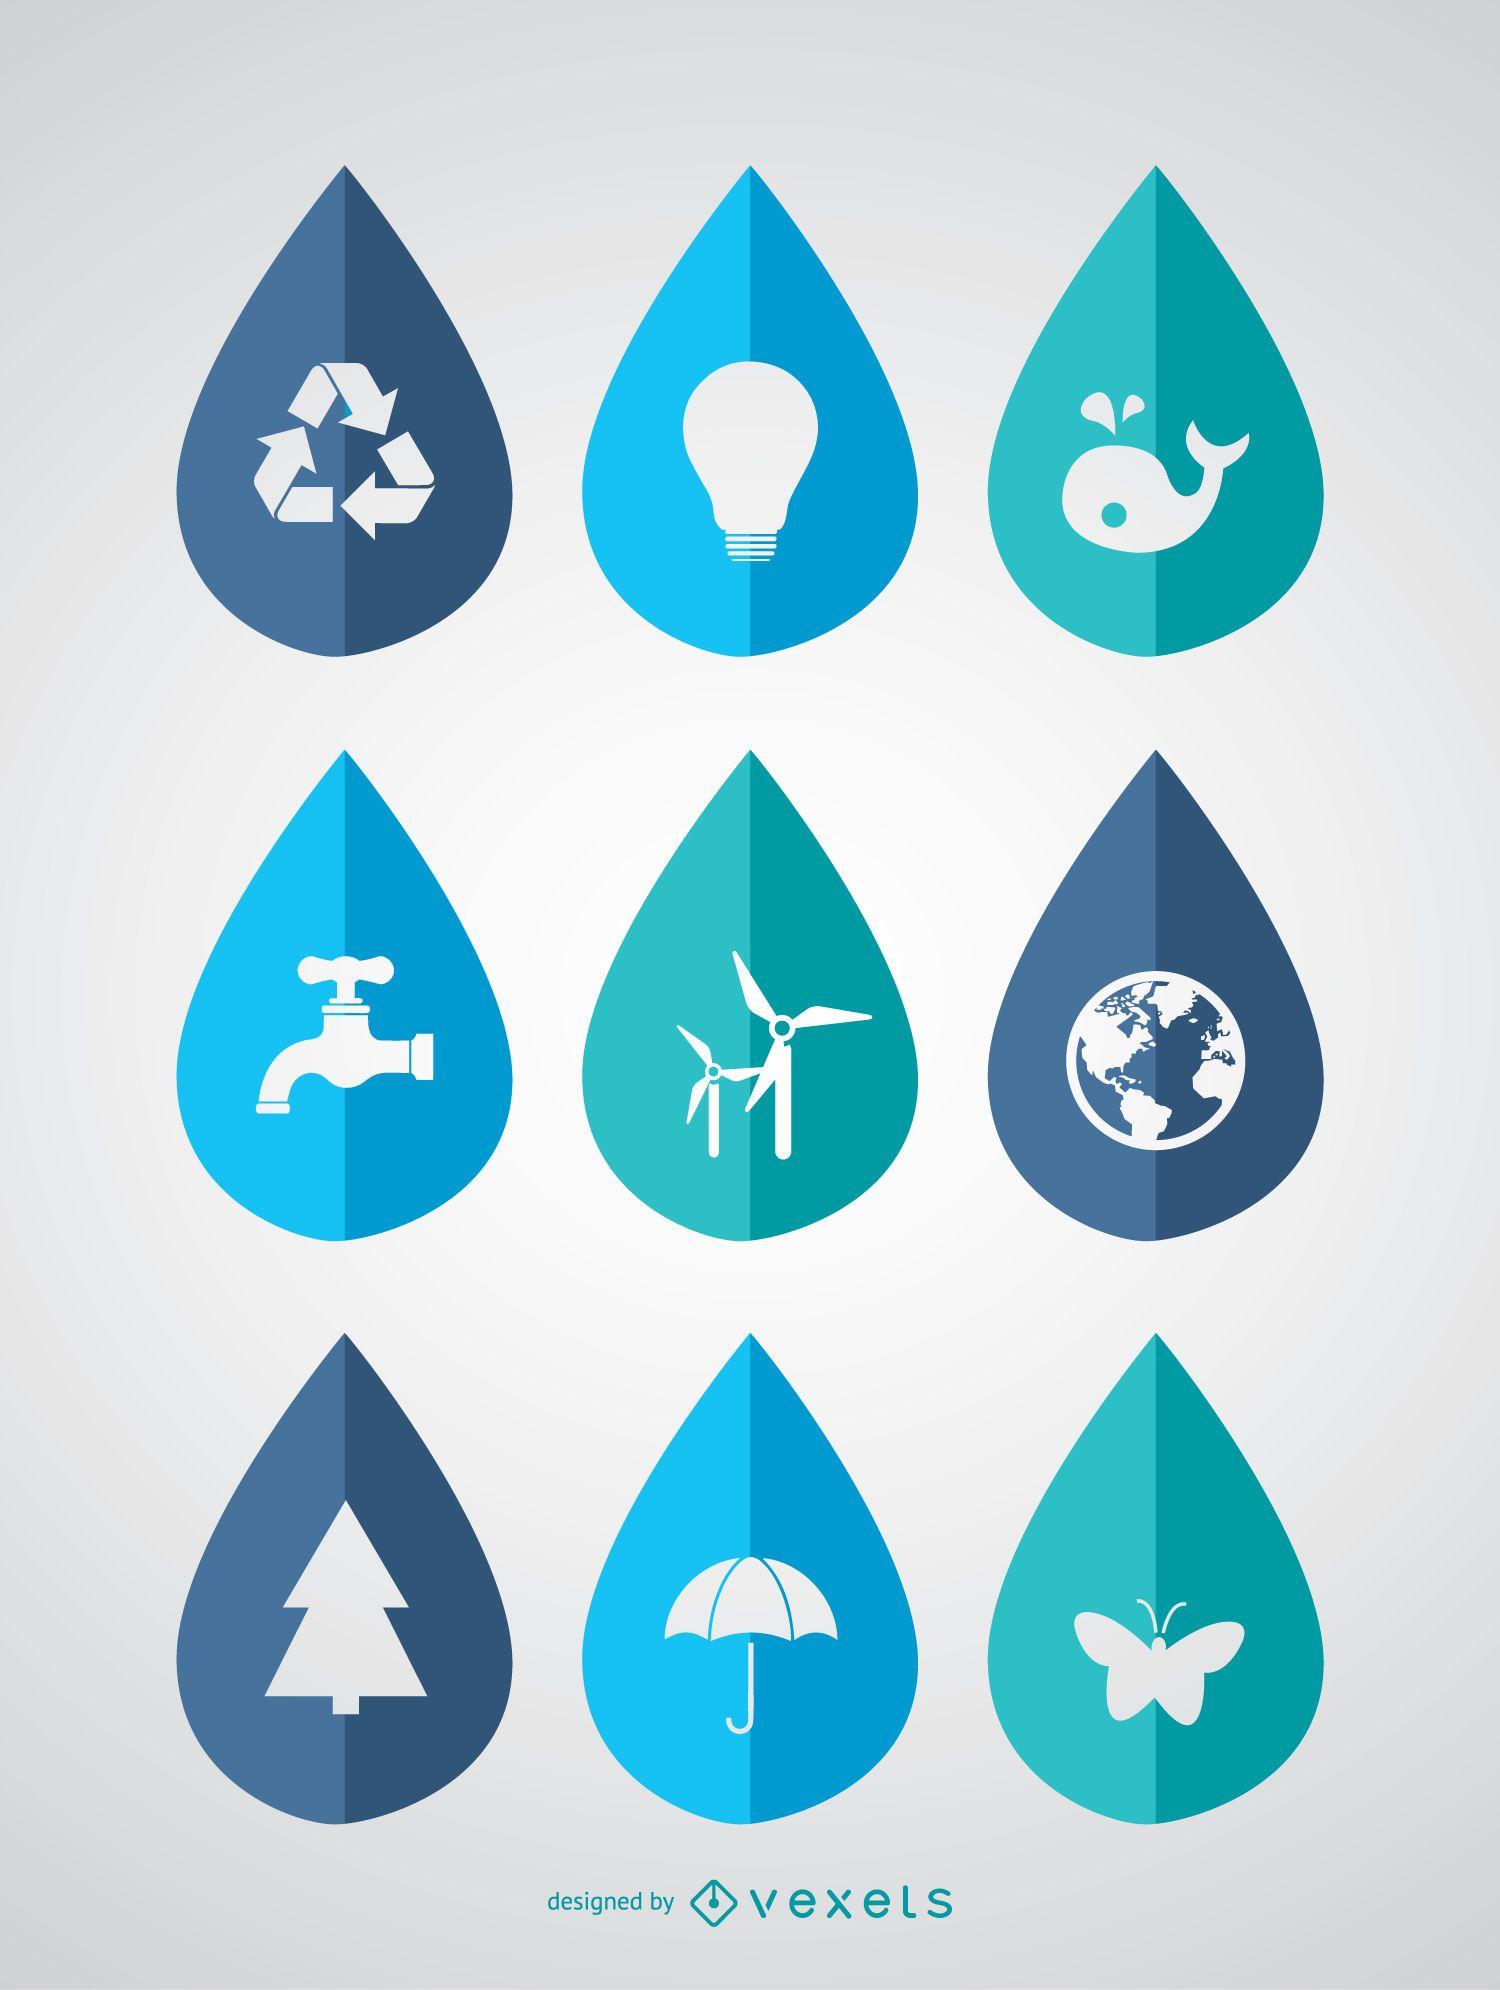 Día Mundial del Agua: 9 iconos ecológicos en gotas